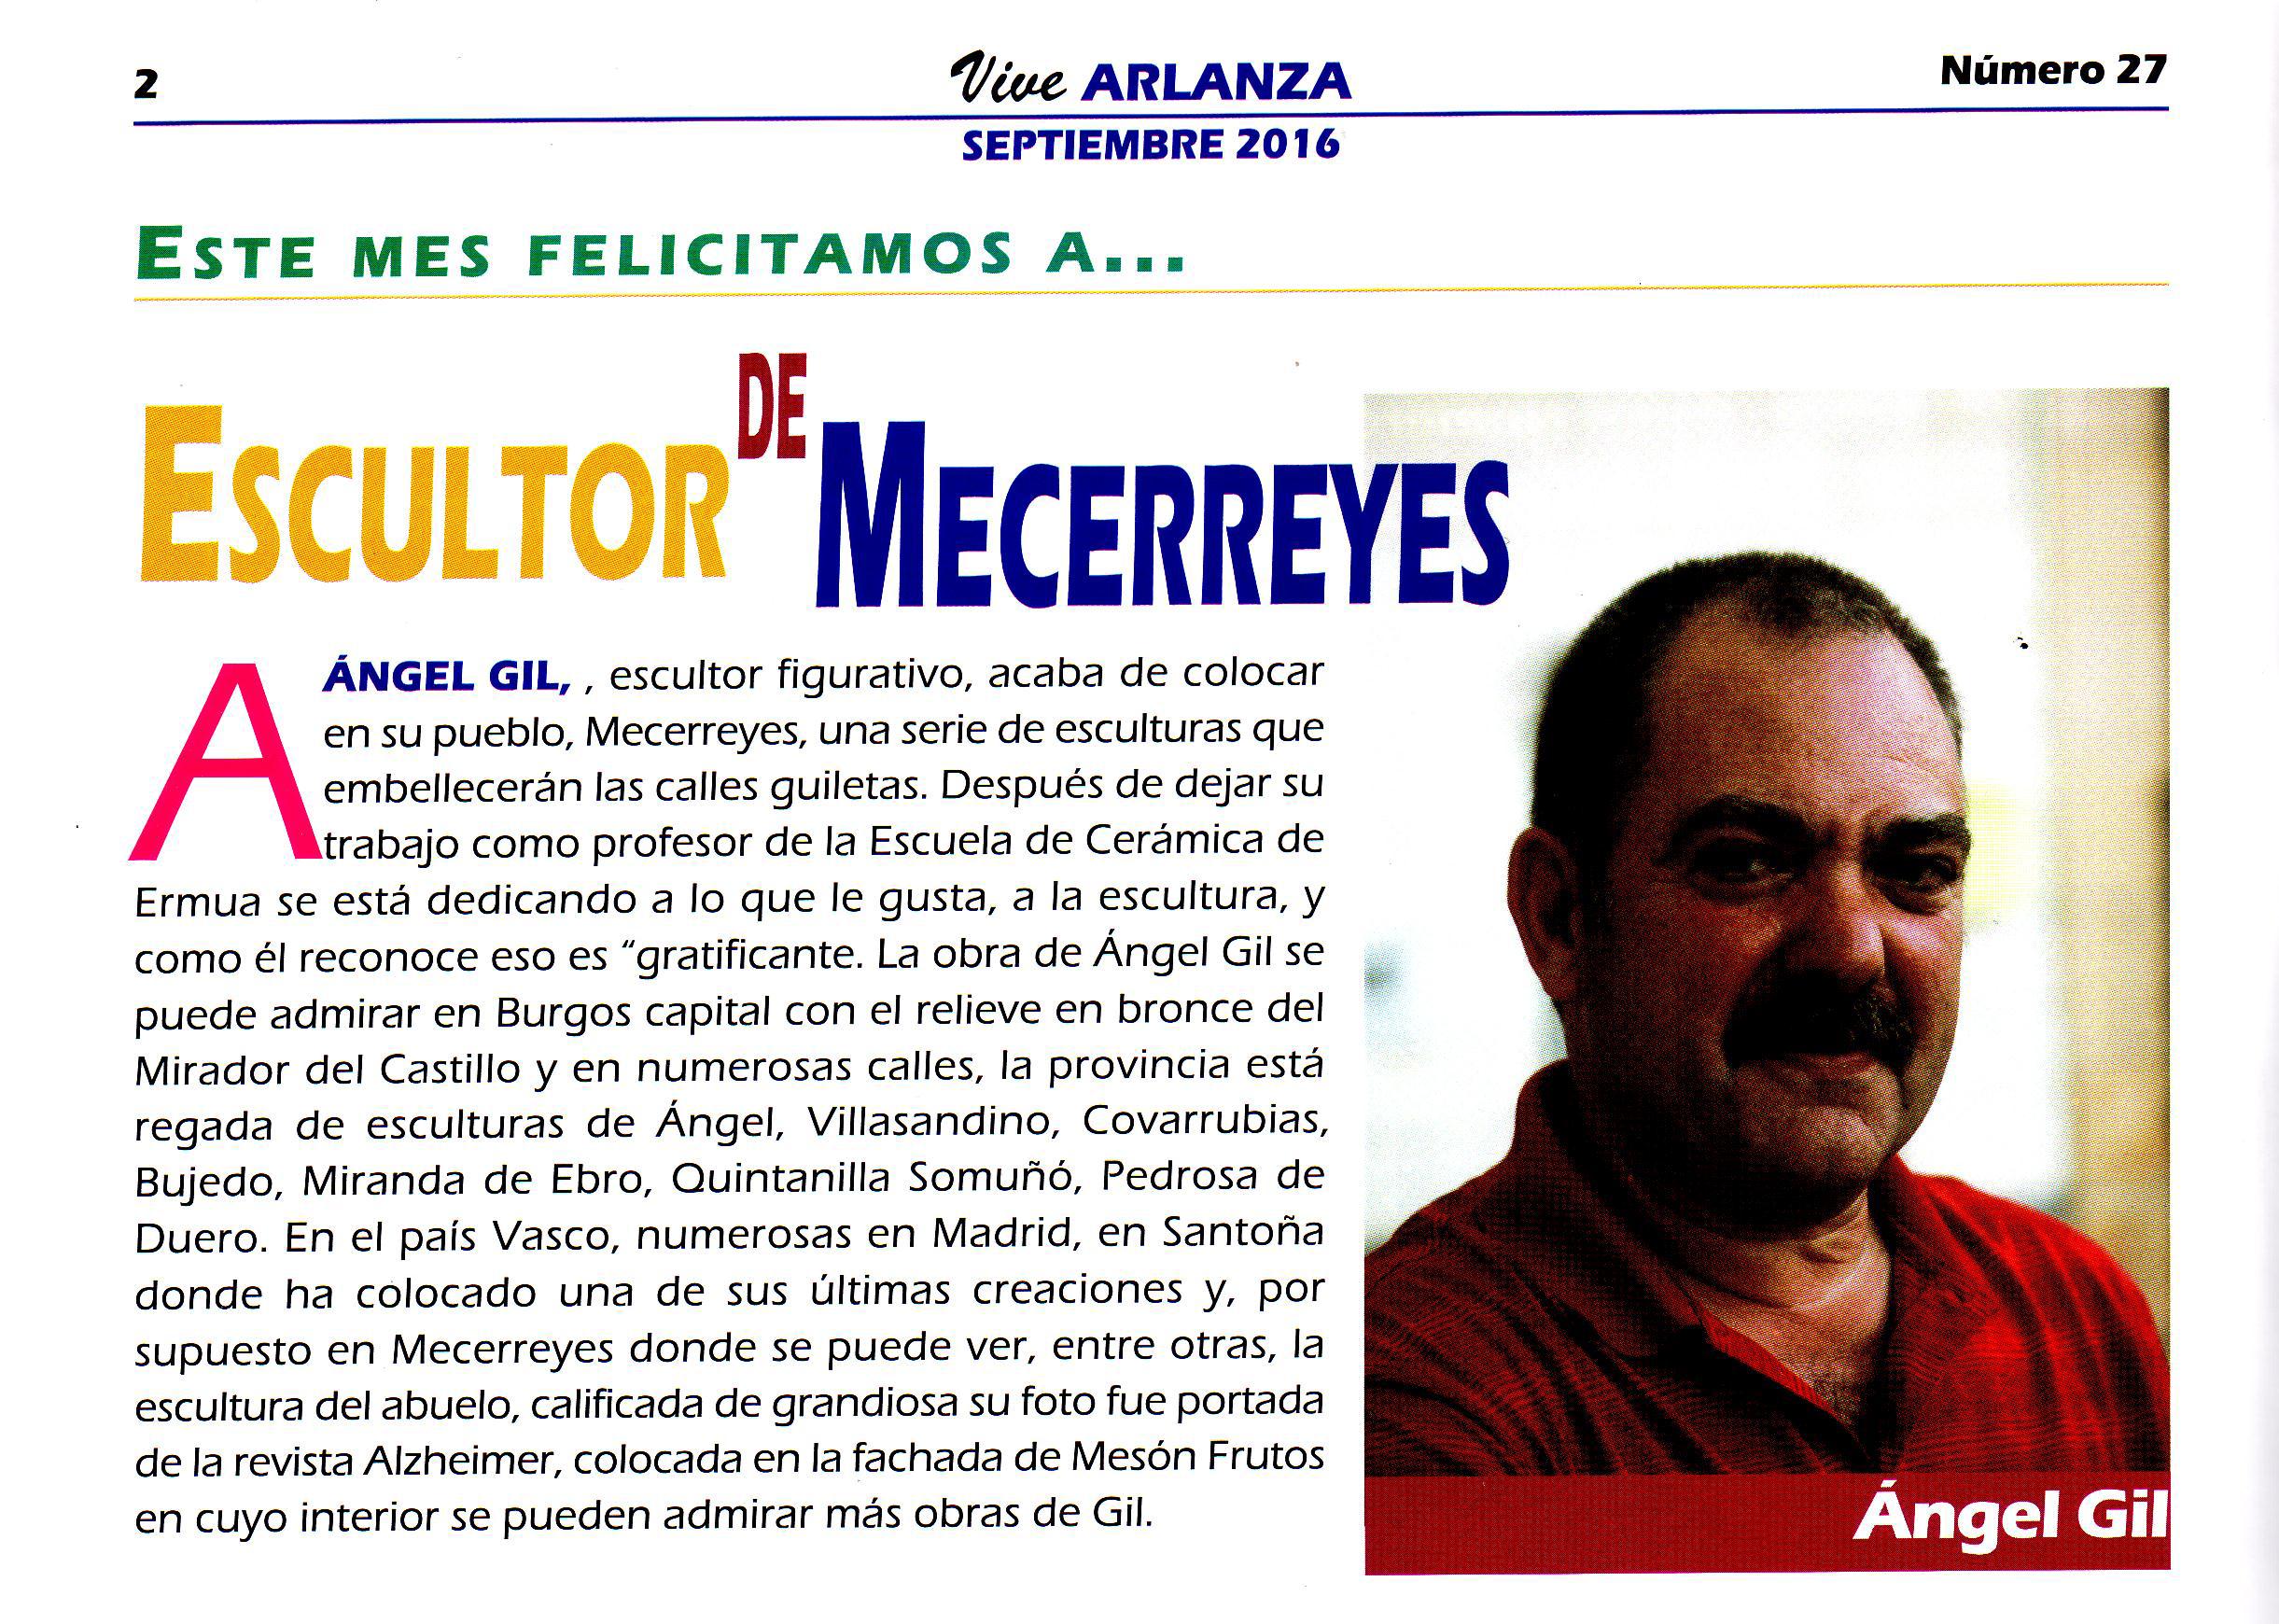 Revista Vive Arlanza - Ángel Gil, Escultor de Mecerreyes 2016